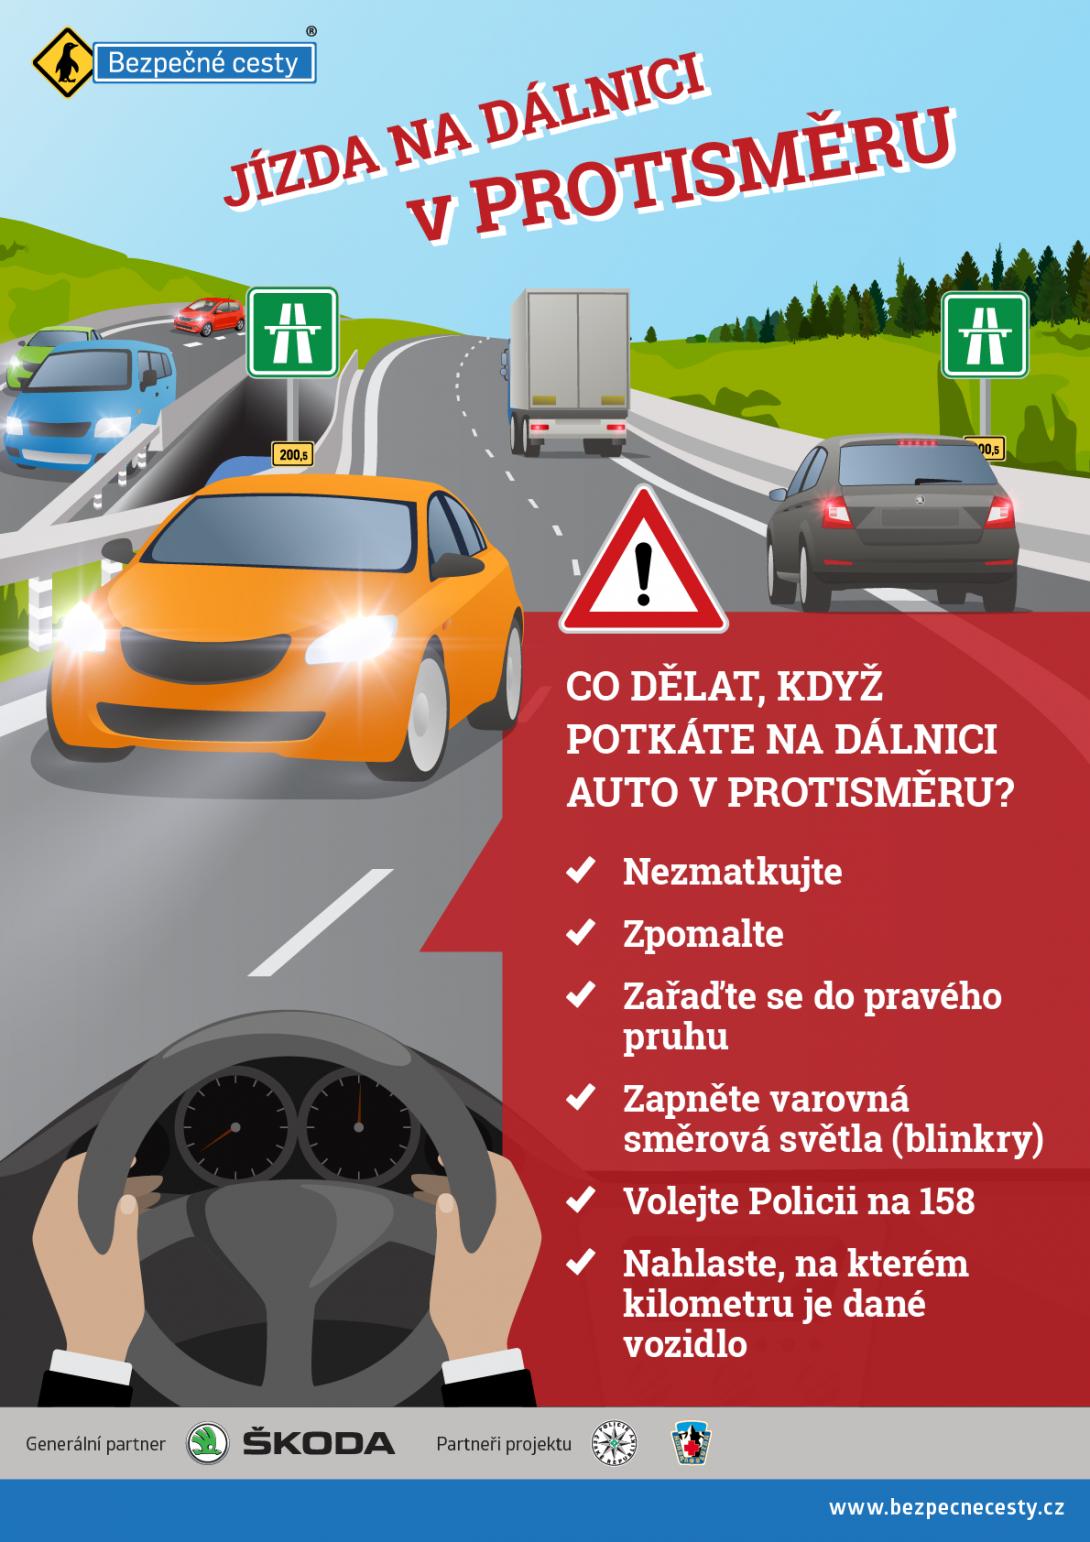 Jízda na dálnici v protisměru - infografika